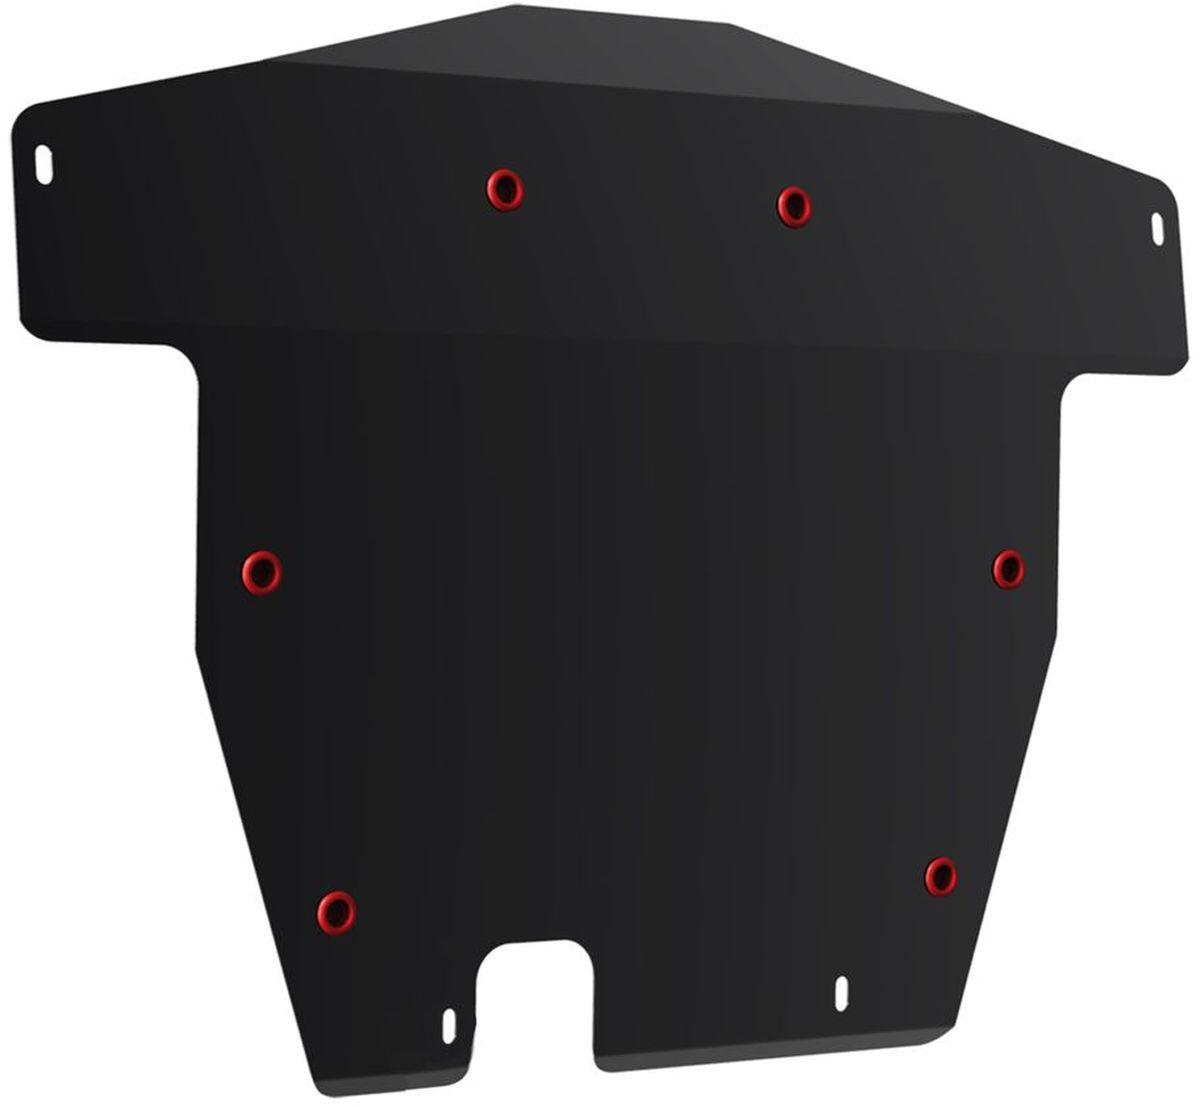 Защита картера и КПП Автоброня Honda Accord VII 2002-2008, сталь 2 мм111.02117.1Защита картера и КПП Автоброня Honda Accord VII 2002-2008, сталь 2 мм, комплект крепежа, 111.02117.1Стальные защиты Автоброня надежно защищают ваш автомобиль от повреждений при наезде на бордюры, выступающие канализационные люки, кромки поврежденного асфальта или при ремонте дорог, не говоря уже о загородных дорогах.- Имеют оптимальное соотношение цена-качество.- Спроектированы с учетом особенностей автомобиля, что делает установку удобной.- Защита устанавливается в штатные места кузова автомобиля.- Является надежной защитой для важных элементов на протяжении долгих лет.- Глубокий штамп дополнительно усиливает конструкцию защиты.- Подштамповка в местах крепления защищает крепеж от срезания.- Технологические отверстия там, где они необходимы для смены масла и слива воды, оборудованные заглушками, закрепленными на защите.Толщина стали 2 мм.В комплекте крепеж и инструкция по установке.